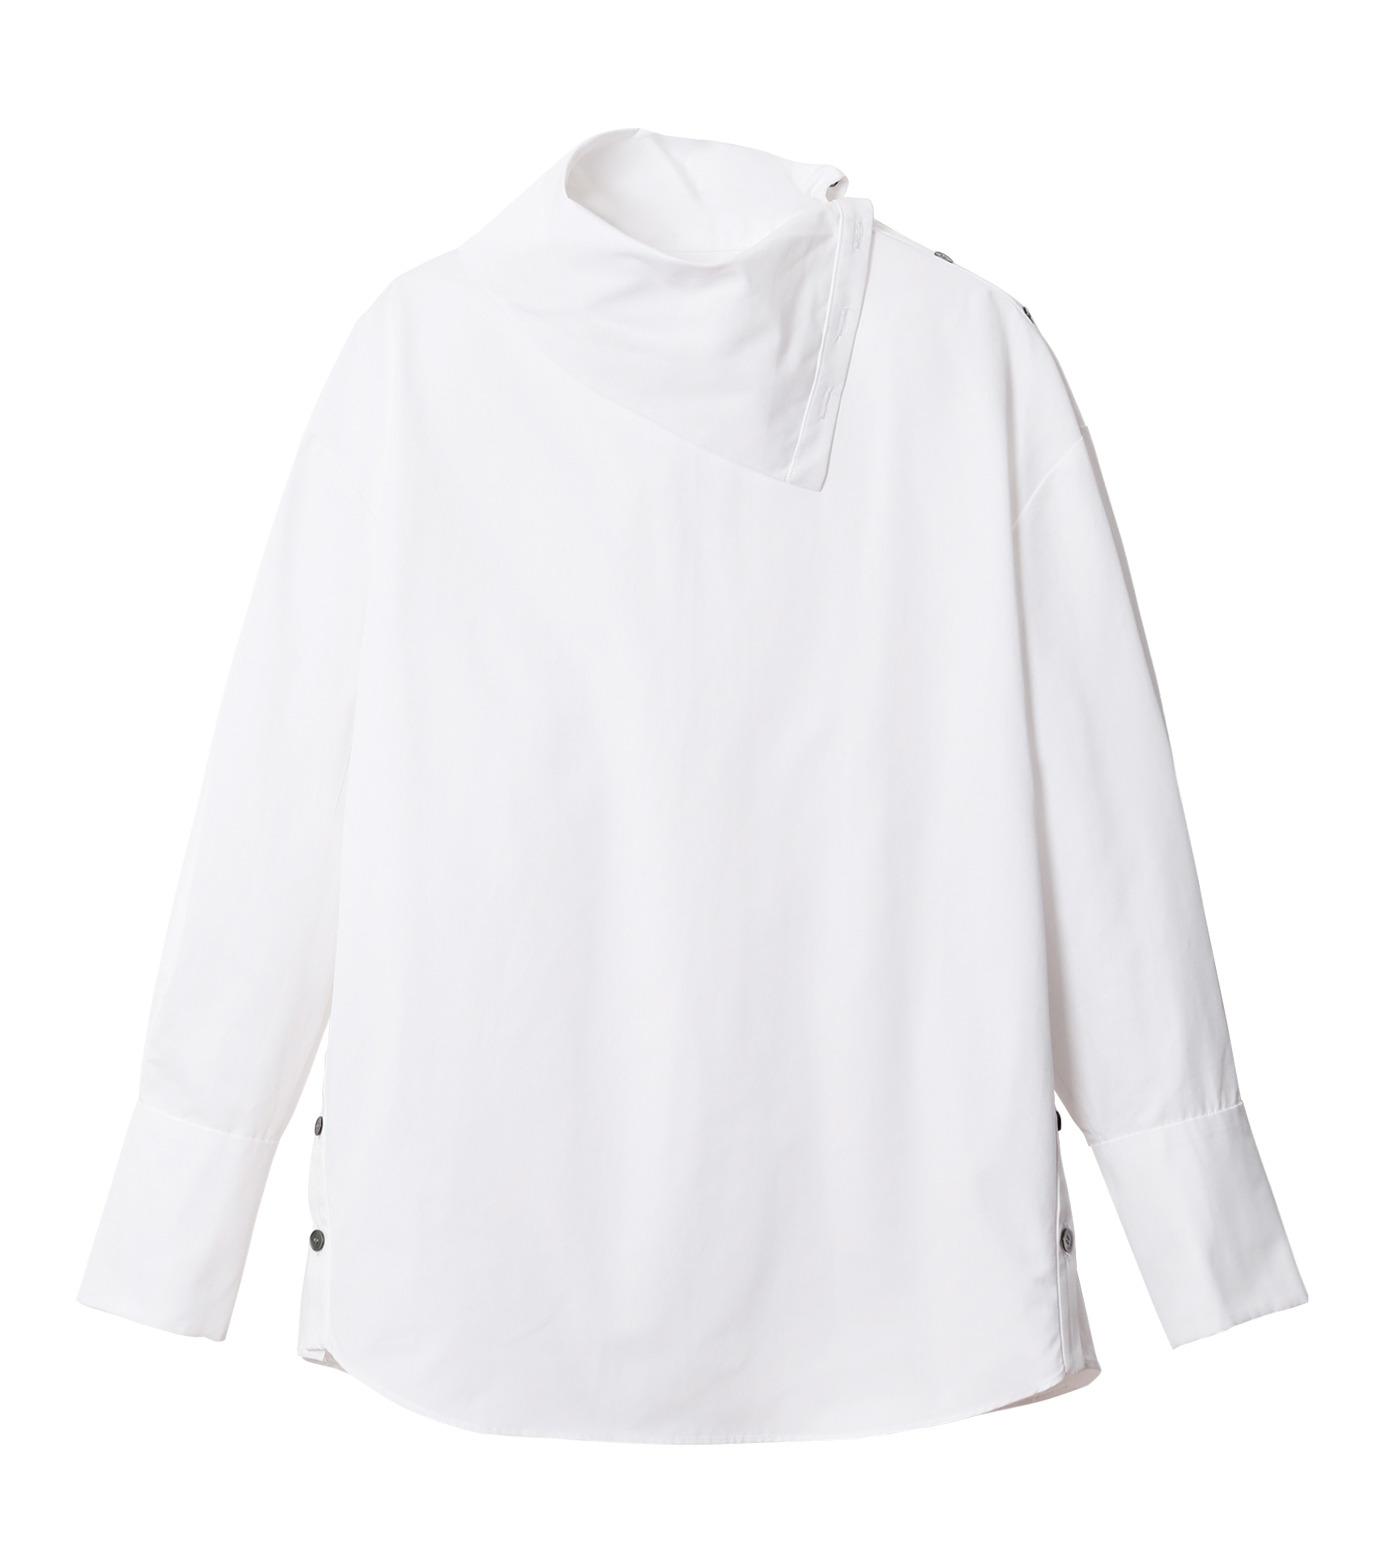 IRENE(アイレネ)のサイドウェイカラーシャツ-WHITE(シャツ/shirt)-18A83003 拡大詳細画像6